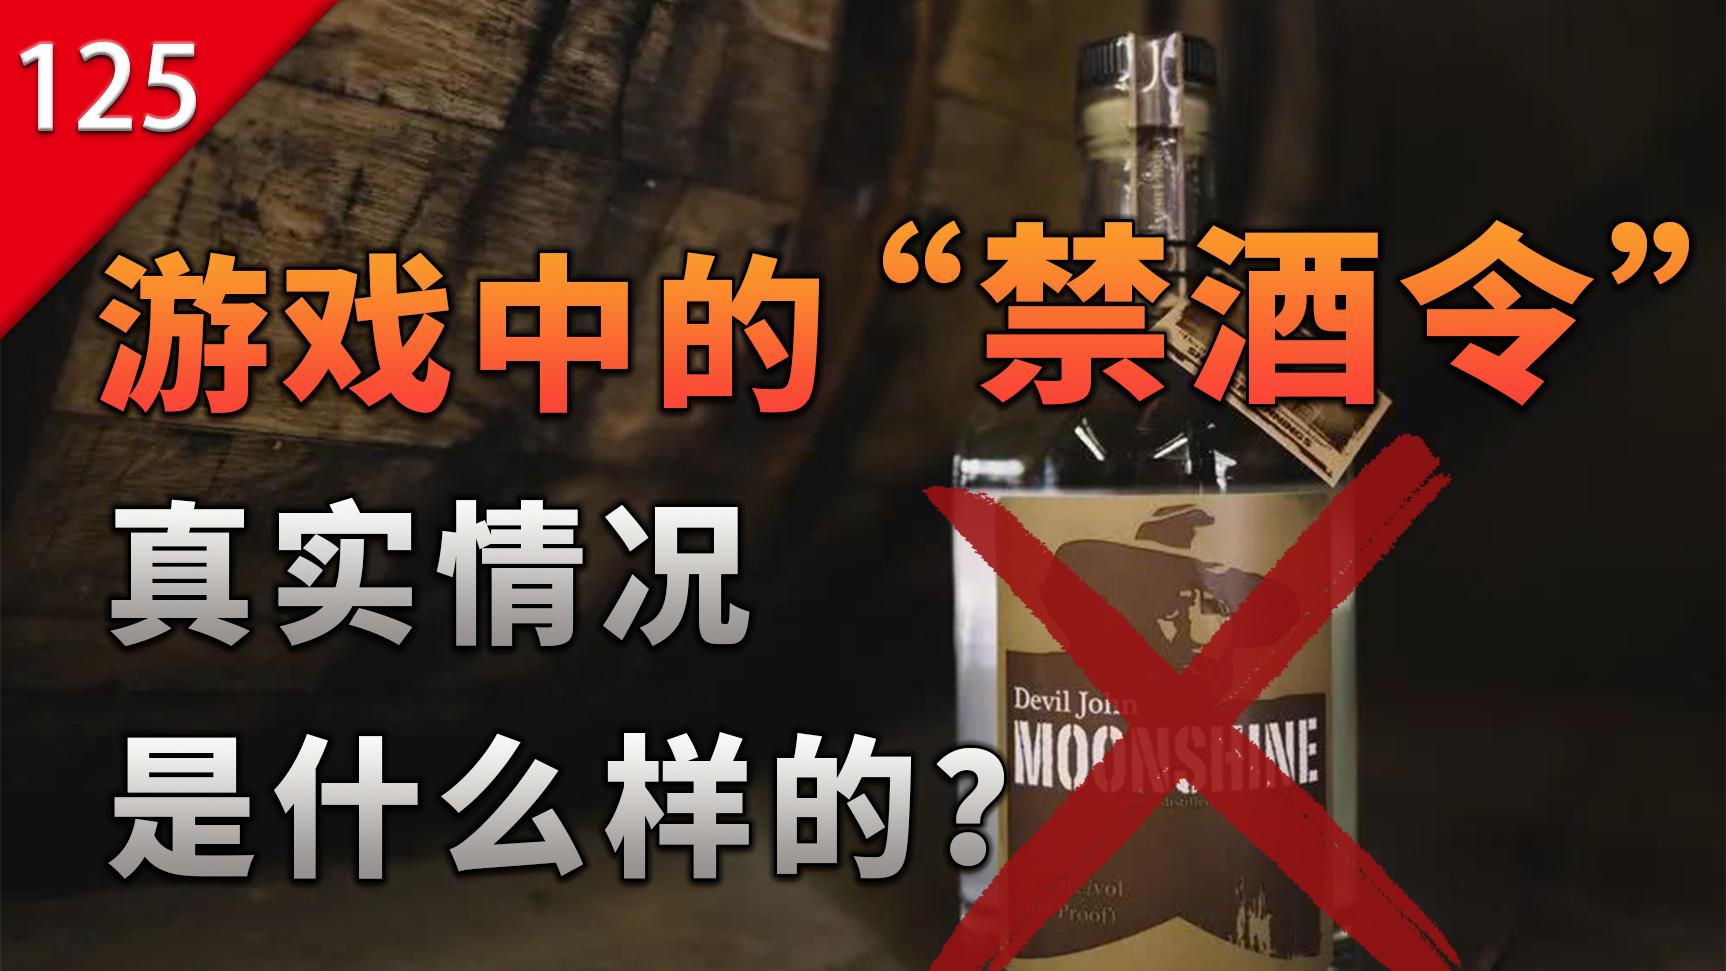 """【不止游戏】游戏中的""""禁酒令""""真实情况是什么样?"""